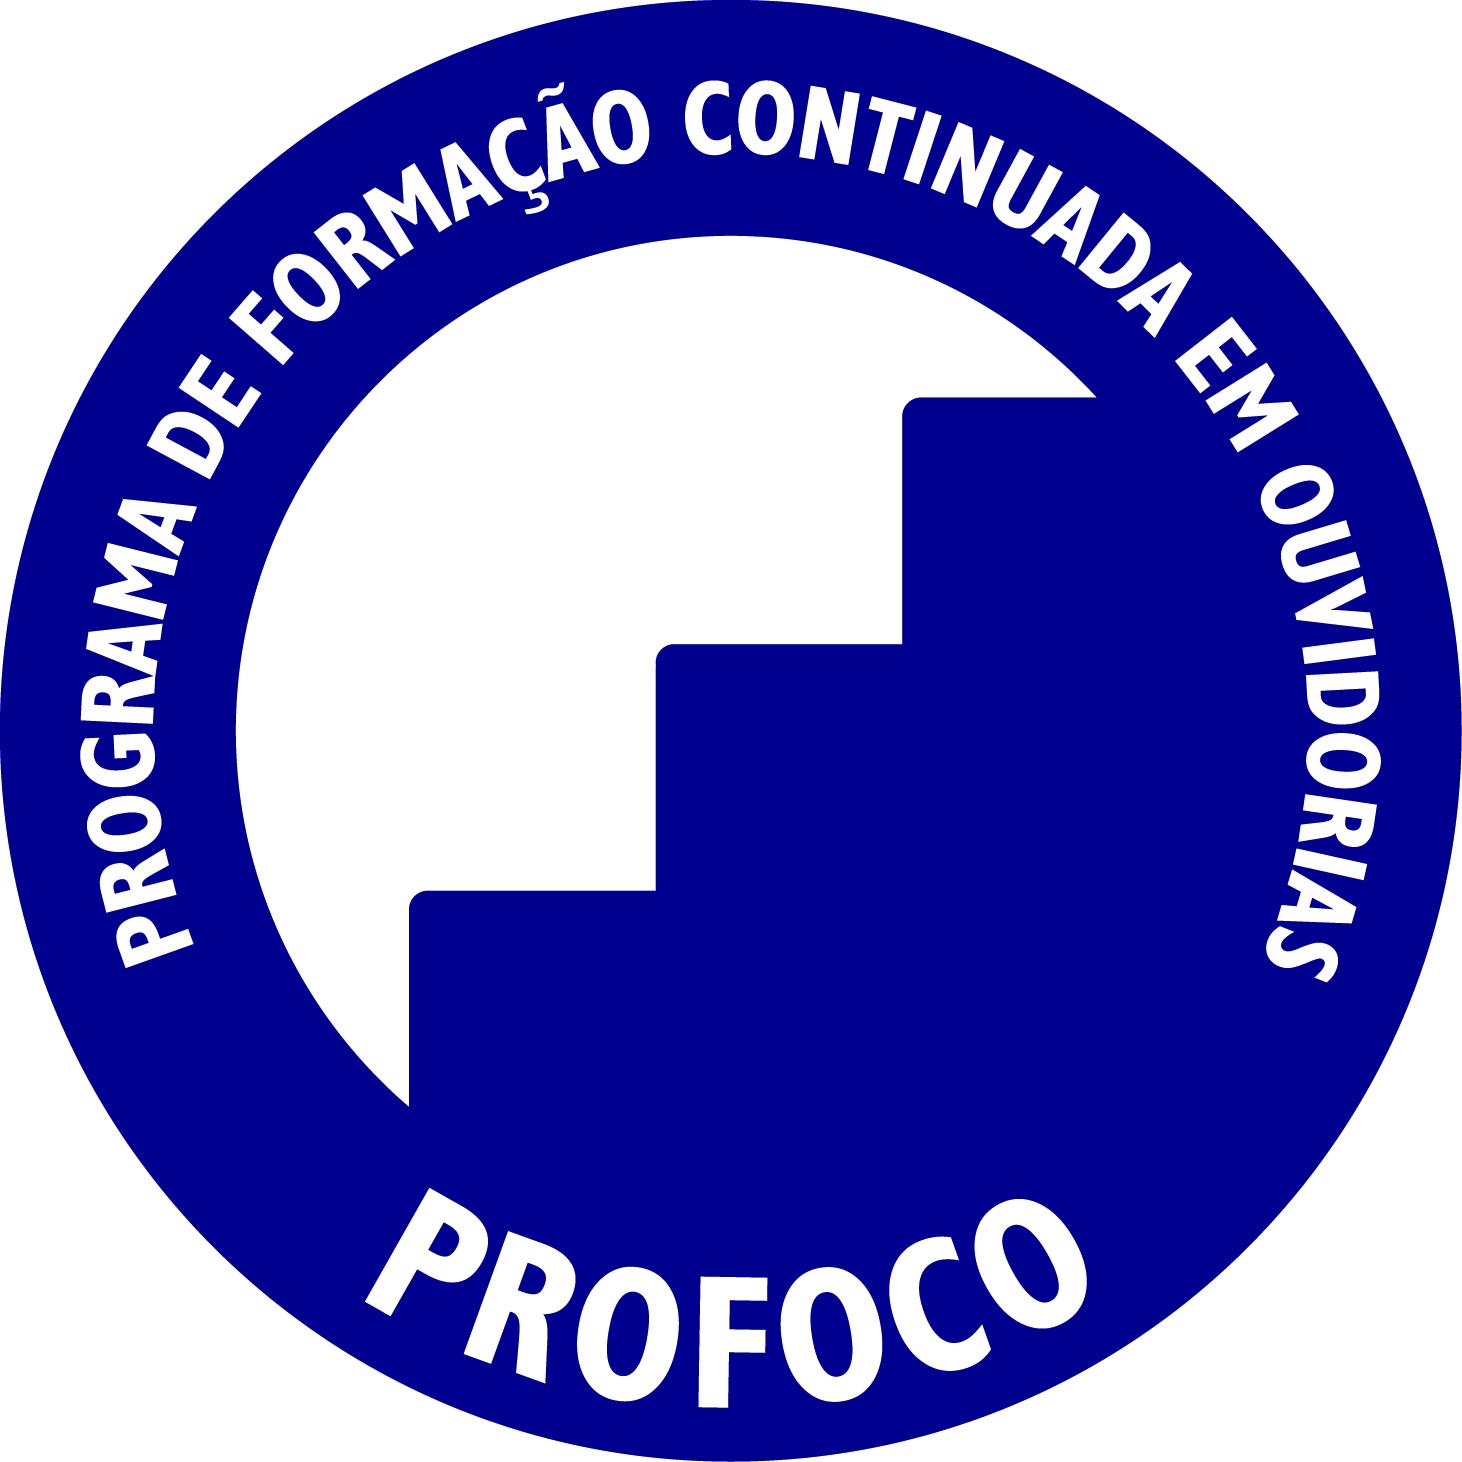 Curso Acesso à Informação, no período de 7 a 9 de agosto de 2018, na cidade de Cuiabá/MT